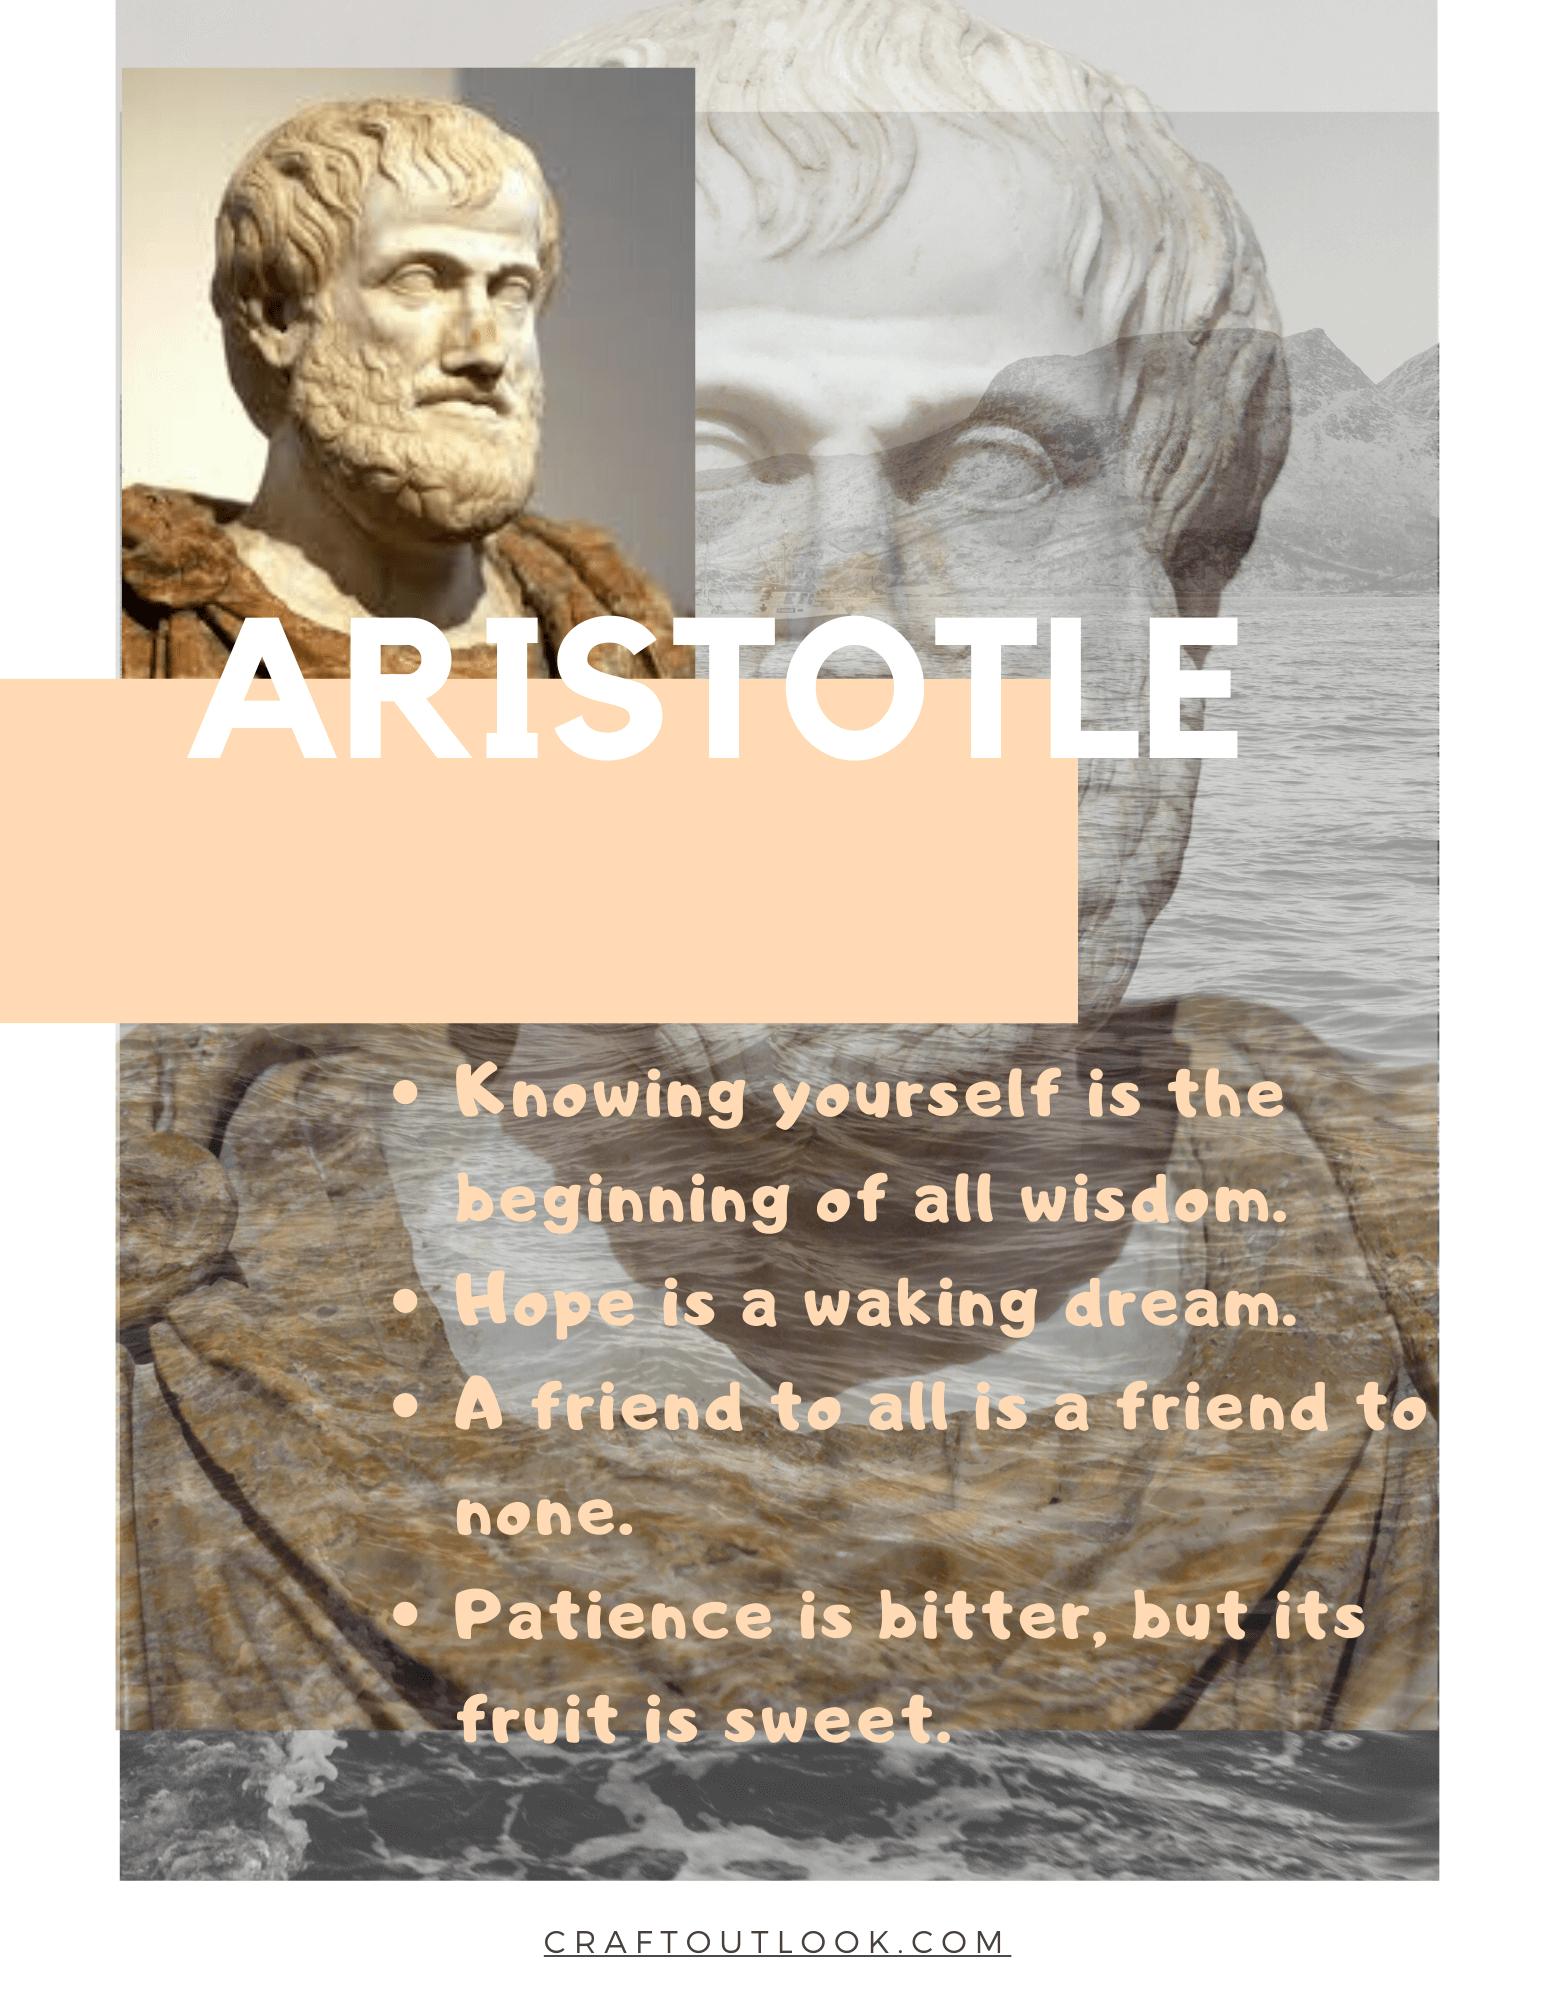 Aristotle - craftoutlook.com